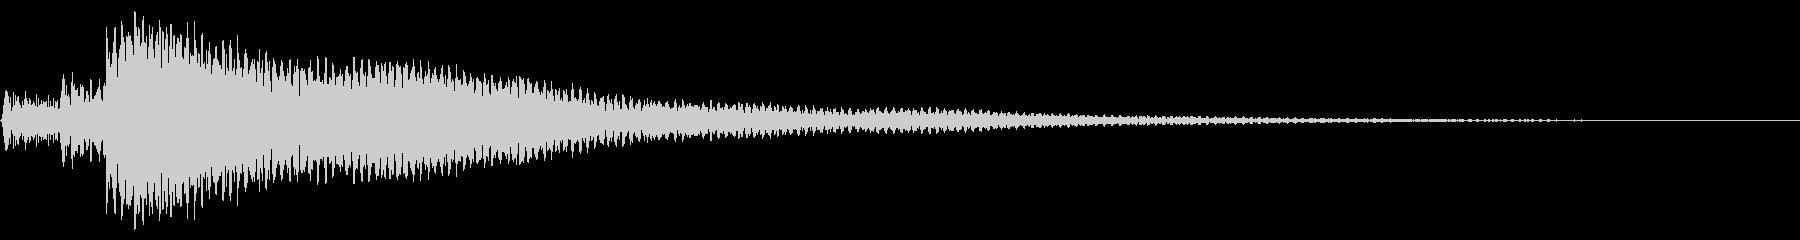 不穏 ポロロン ナイロンギターの未再生の波形